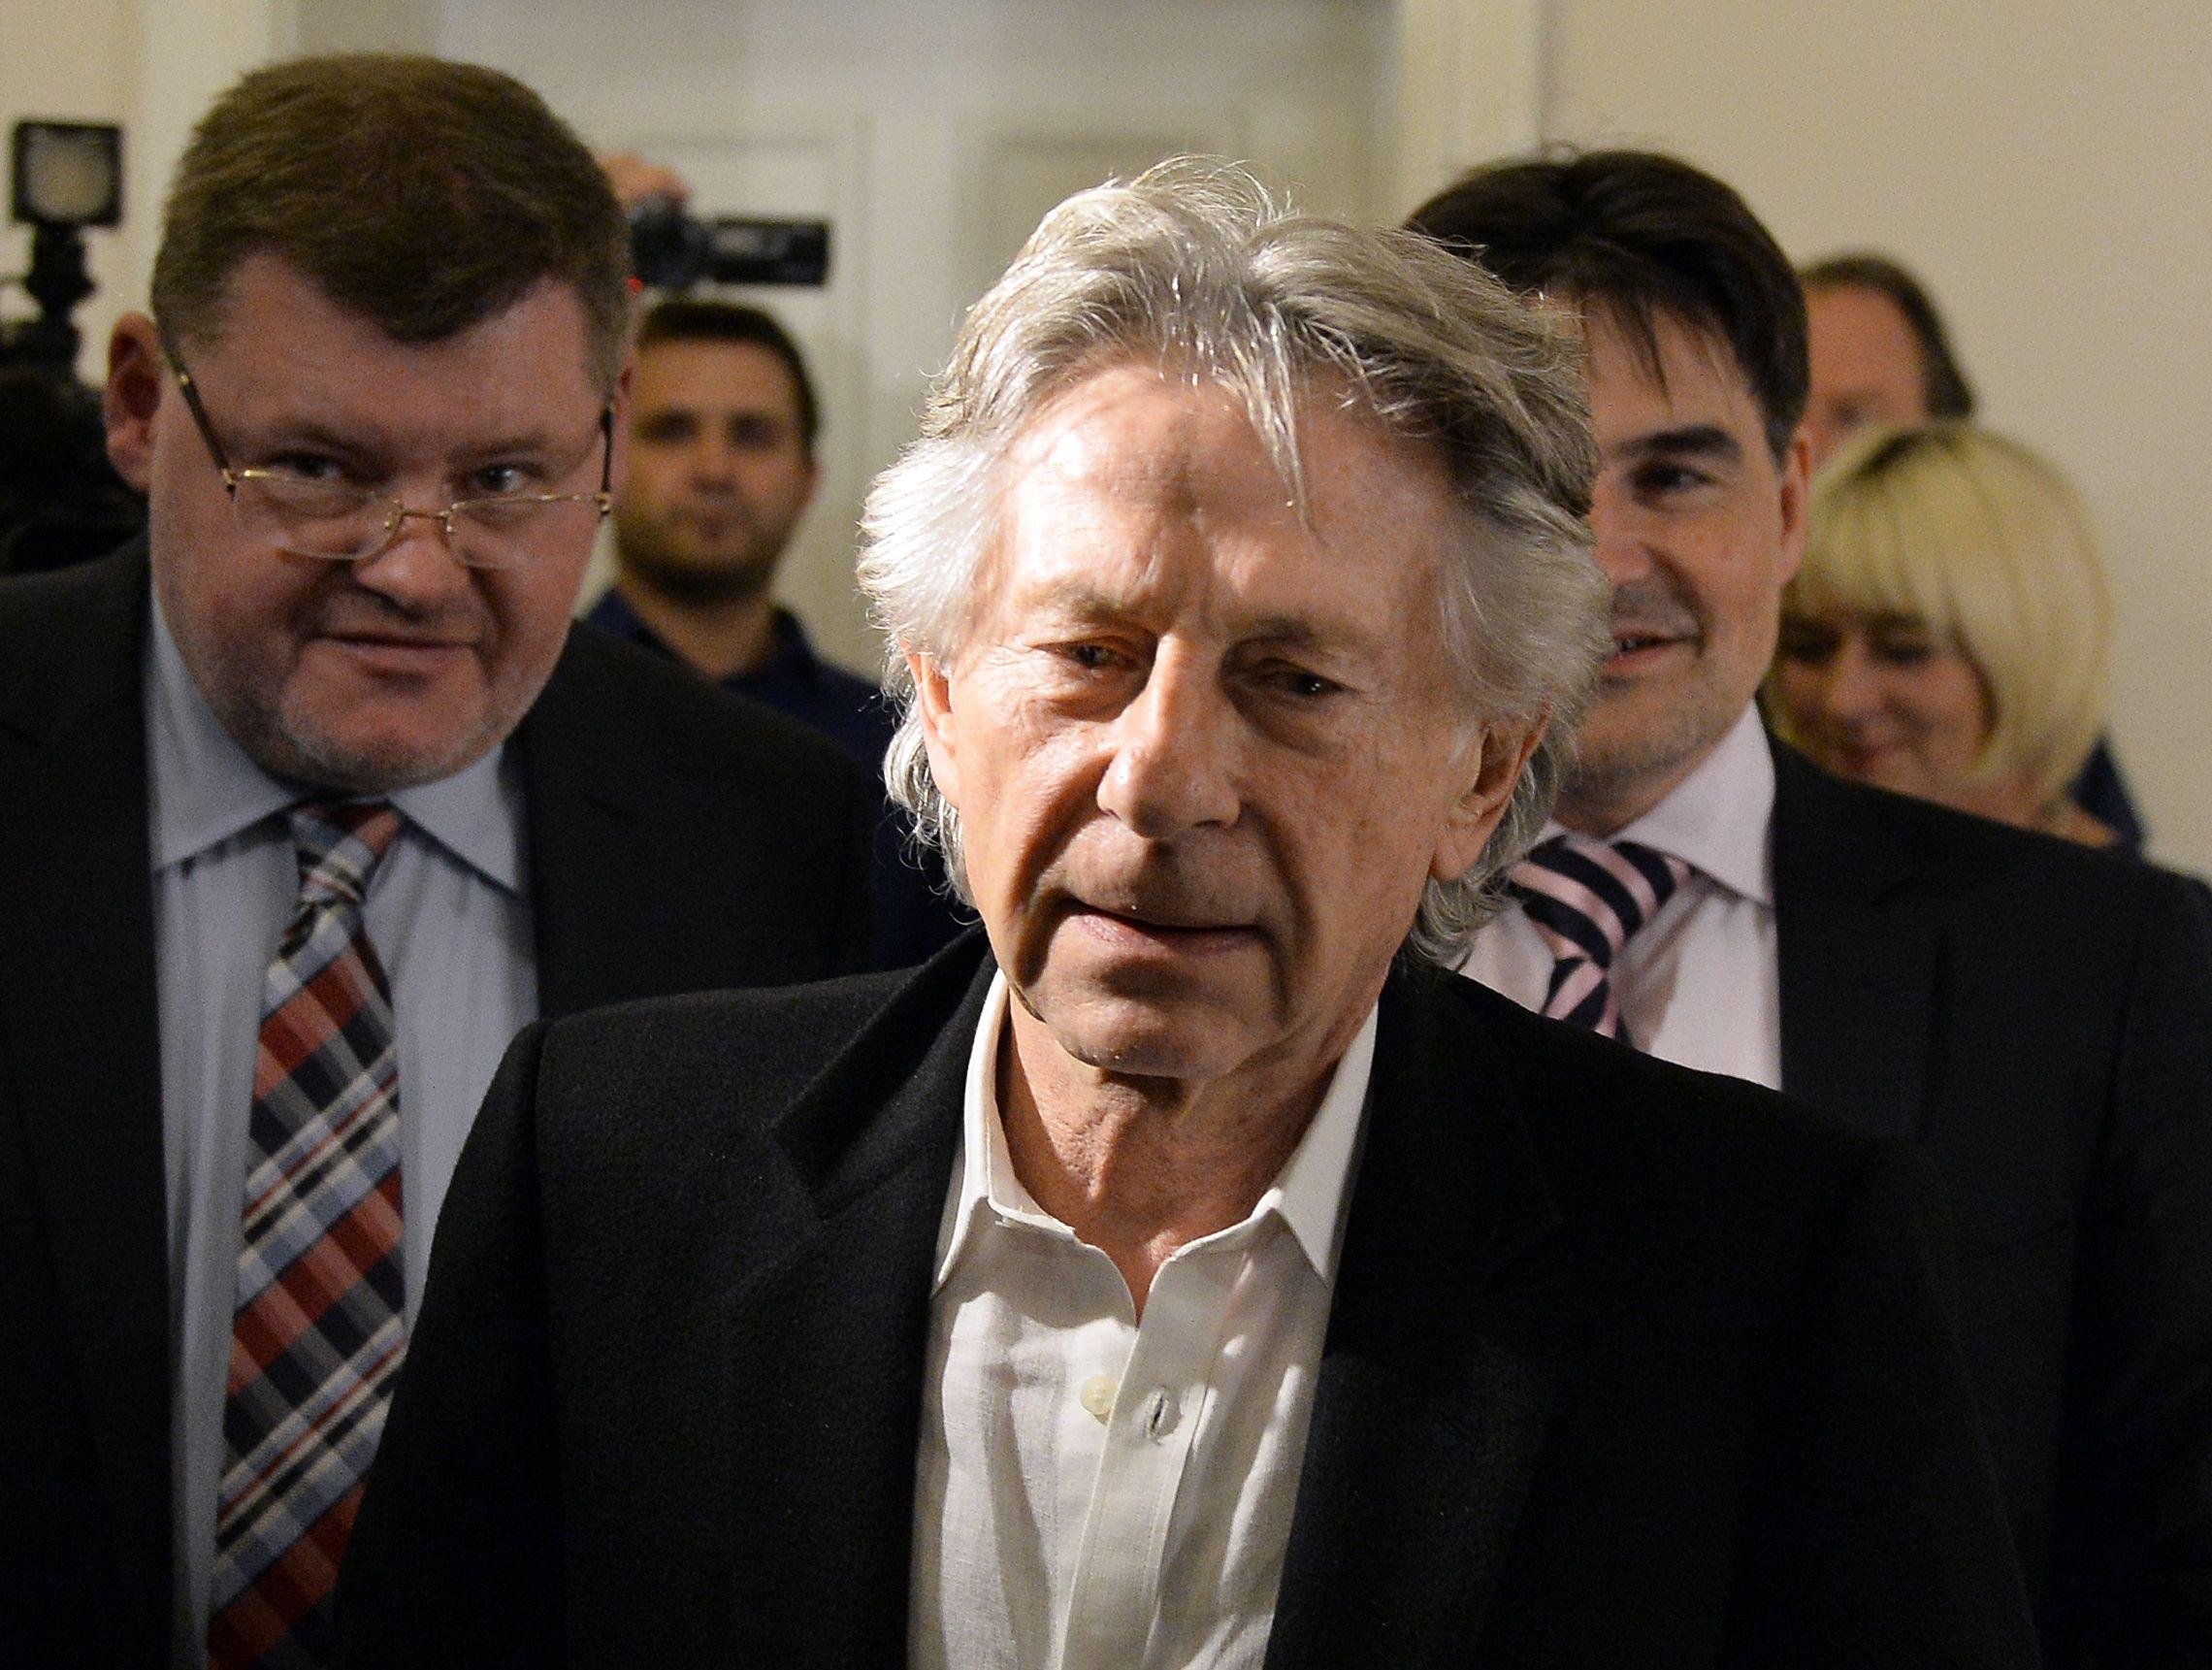 A nagy felháborodás miatt Roman Polanski mégsem vállalja a Cesar-díj zsűrizését